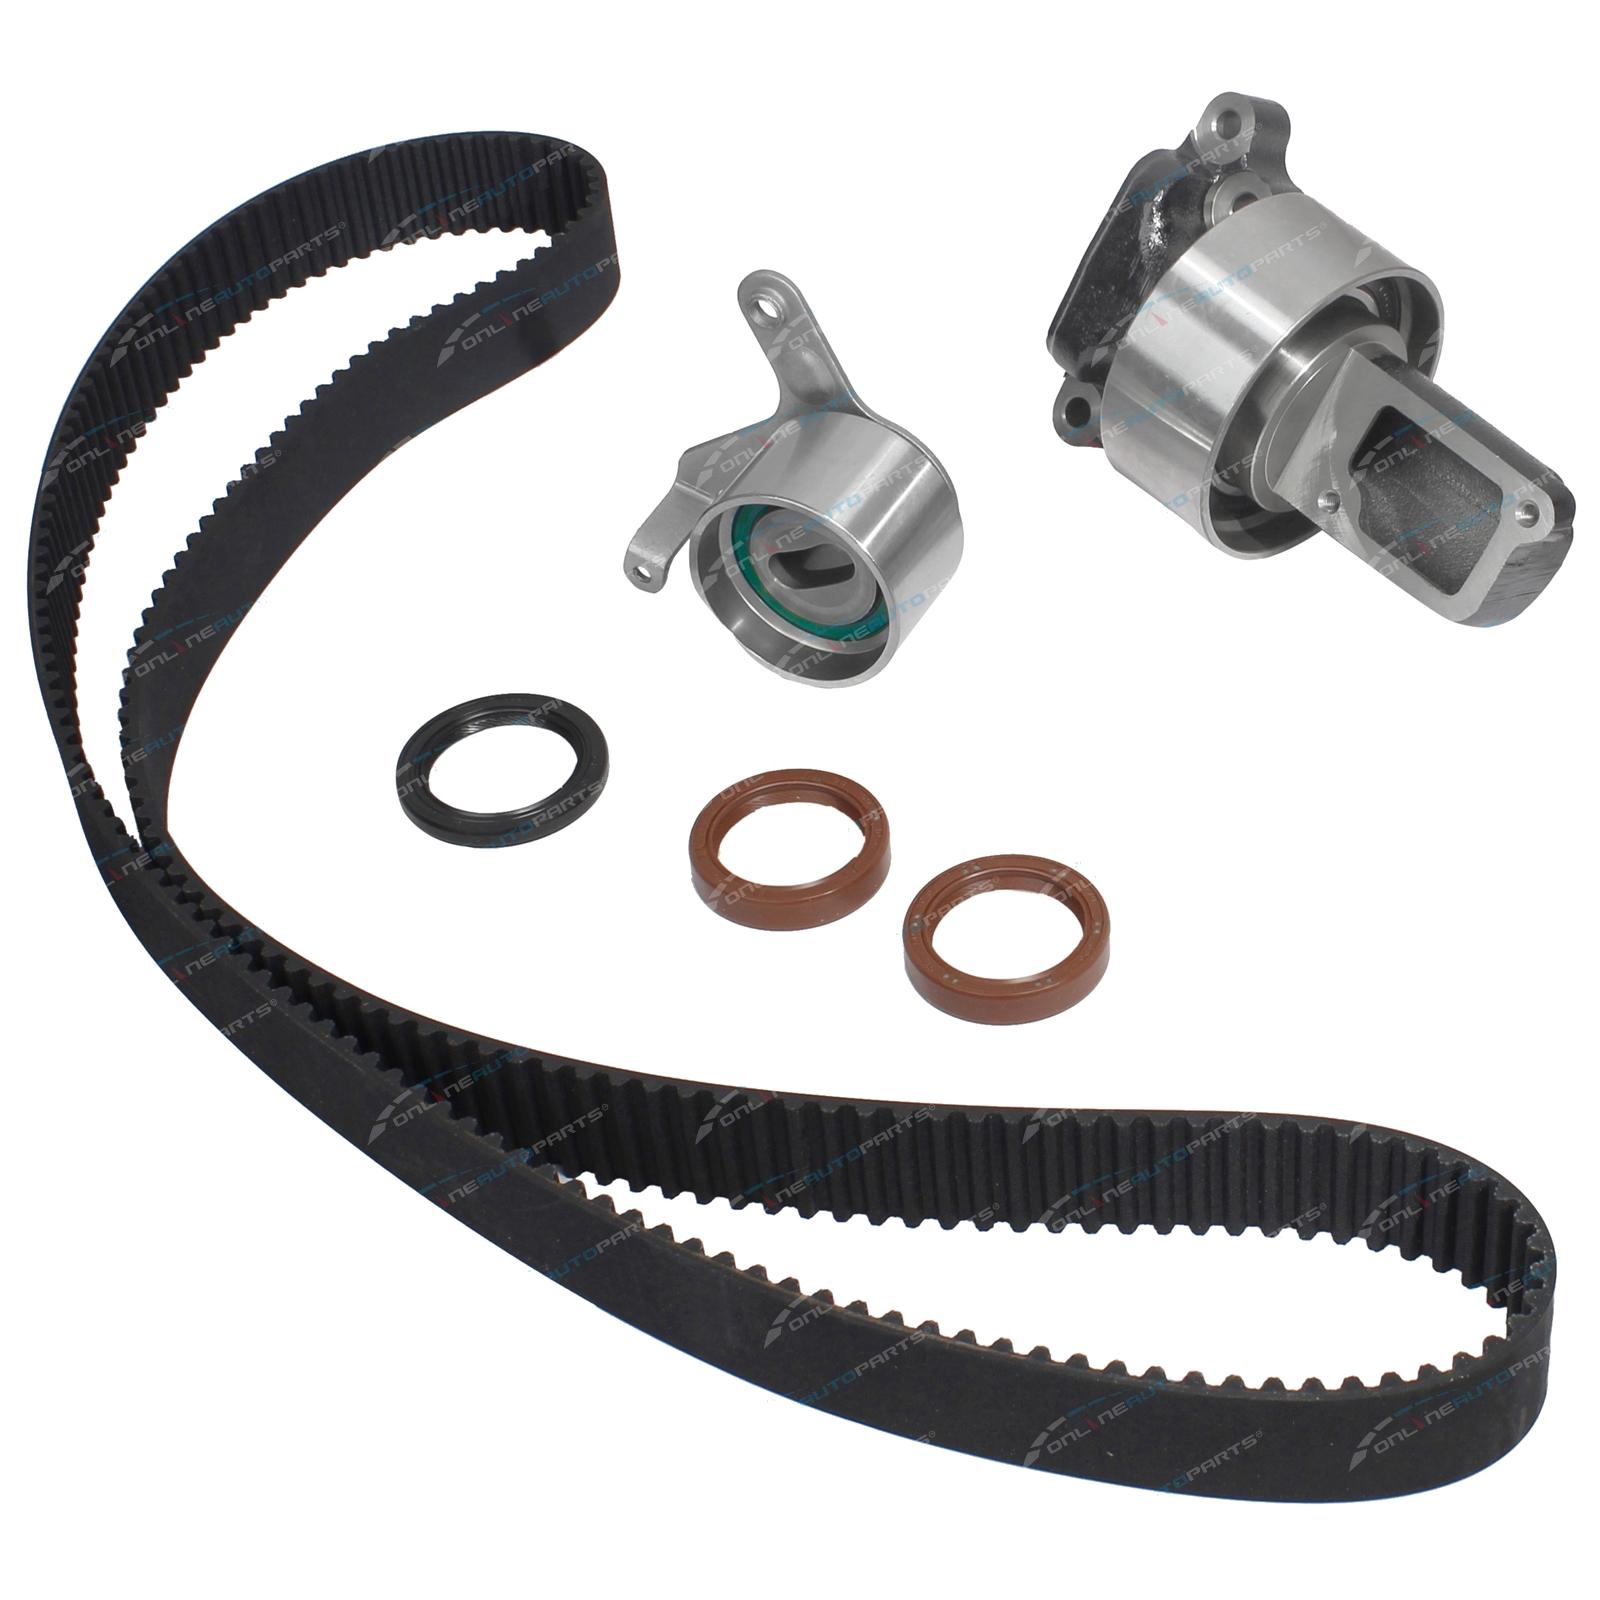 Timing Belt + Tensioner Kit suits Toyota 4Runner Surf VZN130 V6 3VZ-FE 3 0L  2959cc Engine 1990 to 7/1992